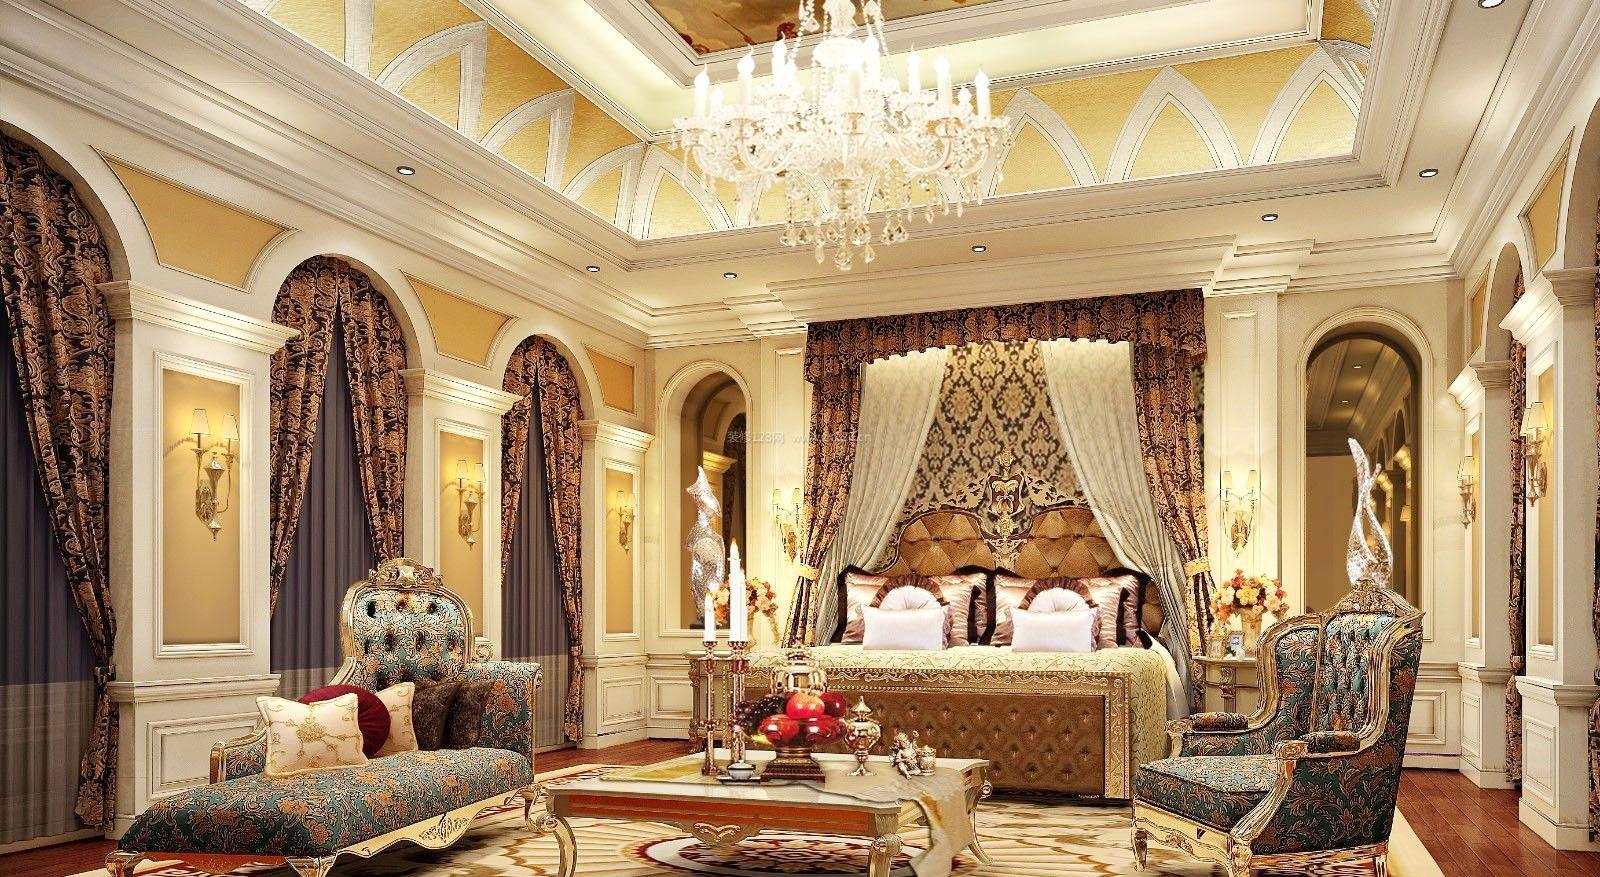 大户型样板房欧式豪华卧室装修图片